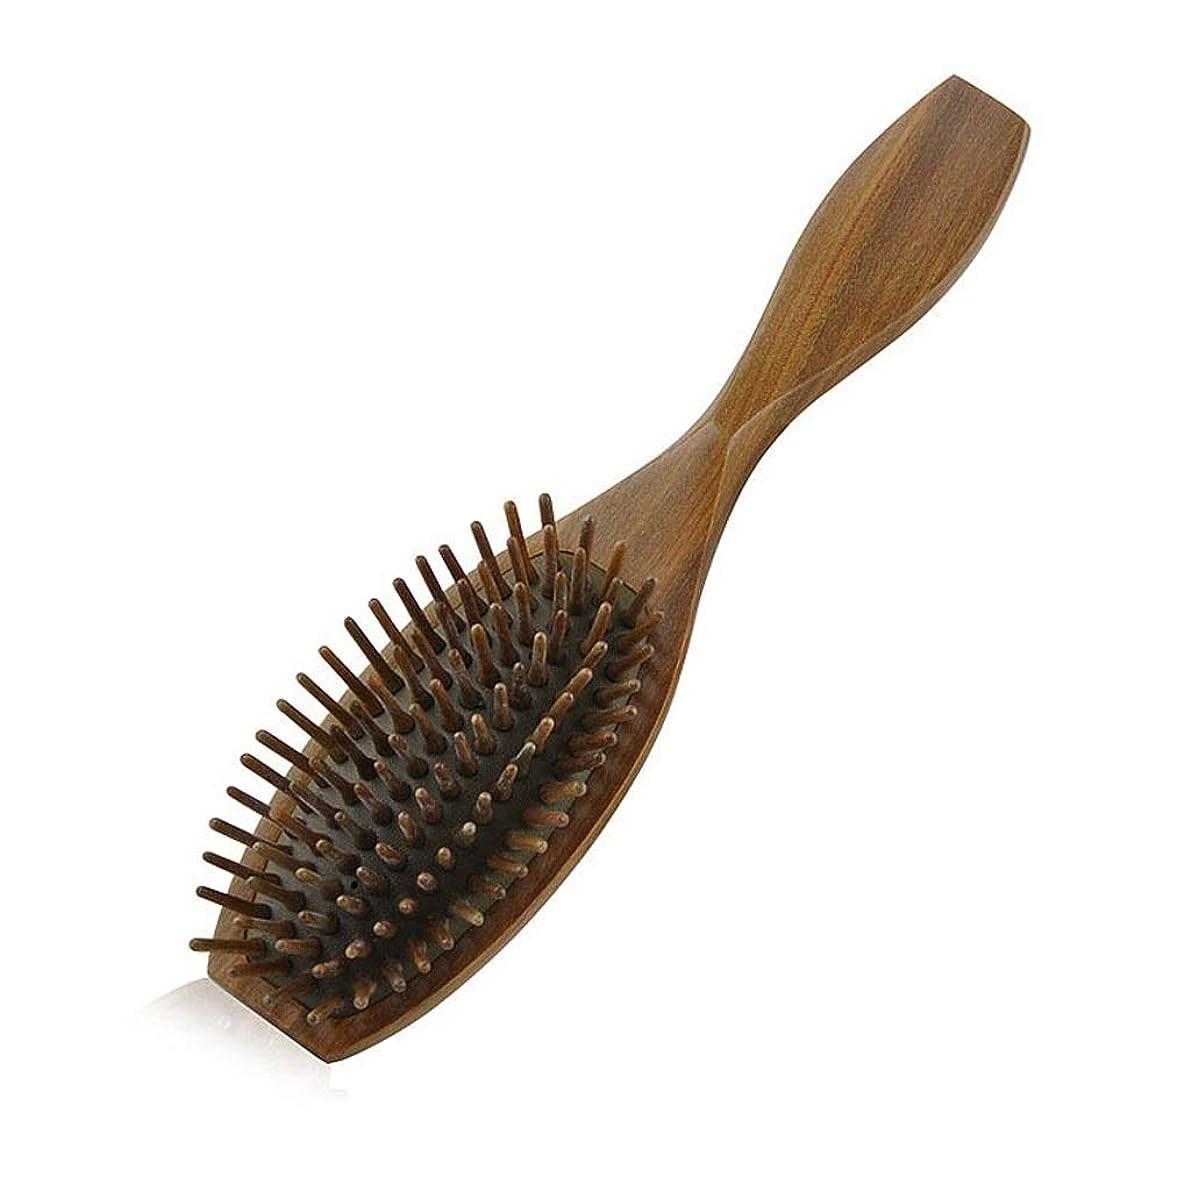 取り替えるシール呼吸天然木製のブラシ、エアバッグマッサージくし、グリーンサンダルウッドレザーエアクッションくし、竹くしブラシ毛女性や子供たちは、髪と頭皮のマッサージを削減します